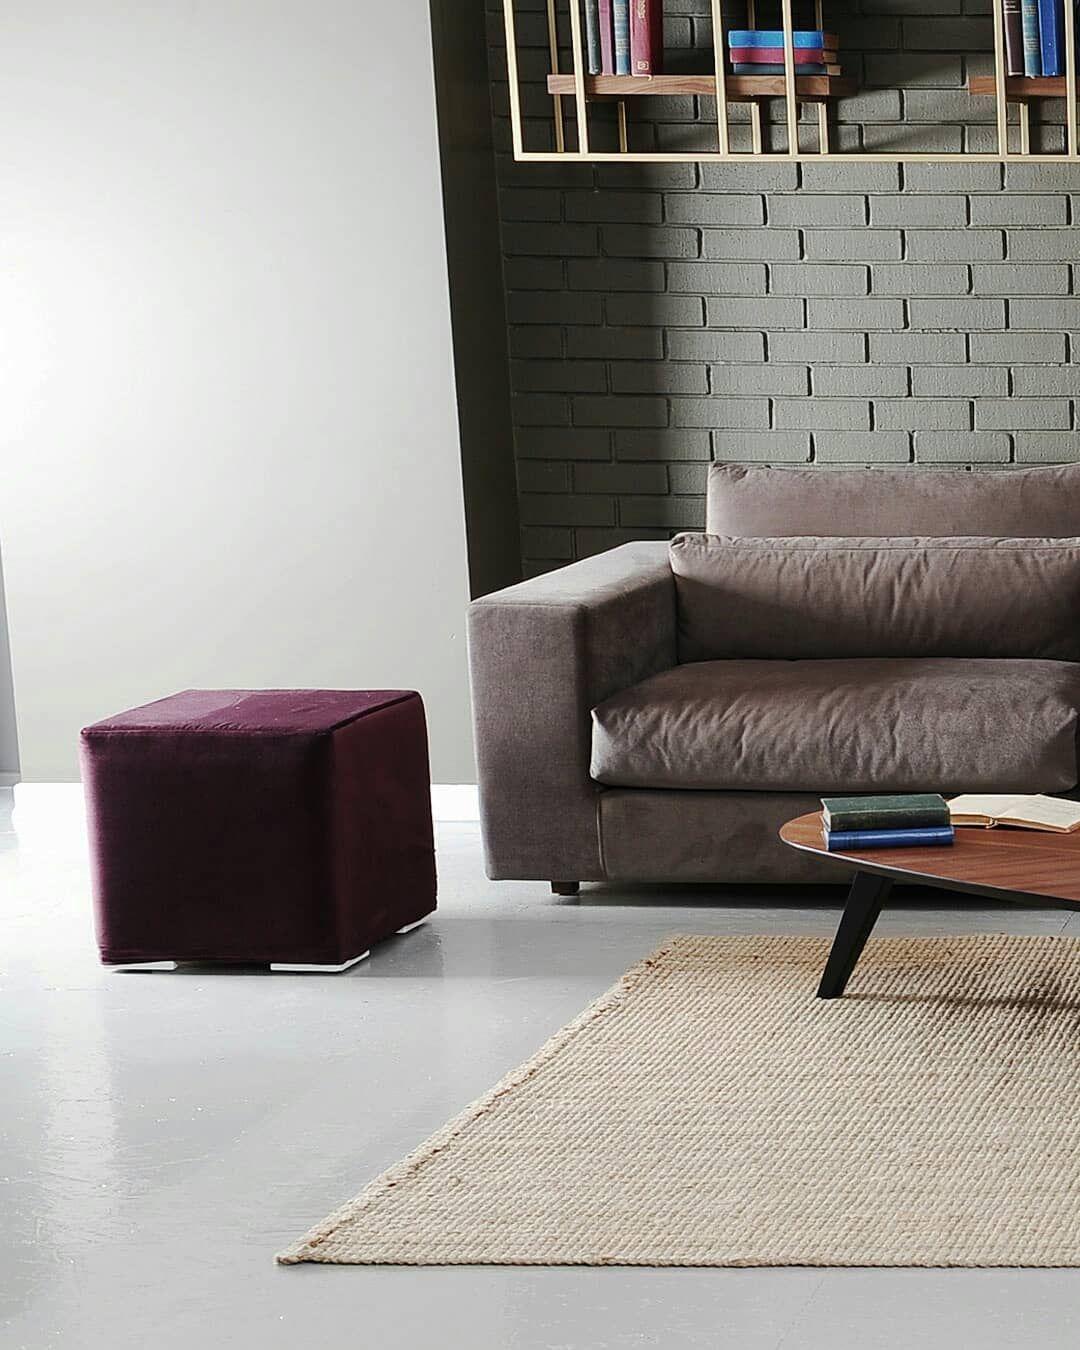 Puzzle Kose Takimi Modeli Sade Ve Modern Bir Gorunume Sahip Bu Kanepe Konfor Ve Estetigi Bir Arada Sunuyor Farkli Renk Ve K In 2020 Furniture Home Decor Decor